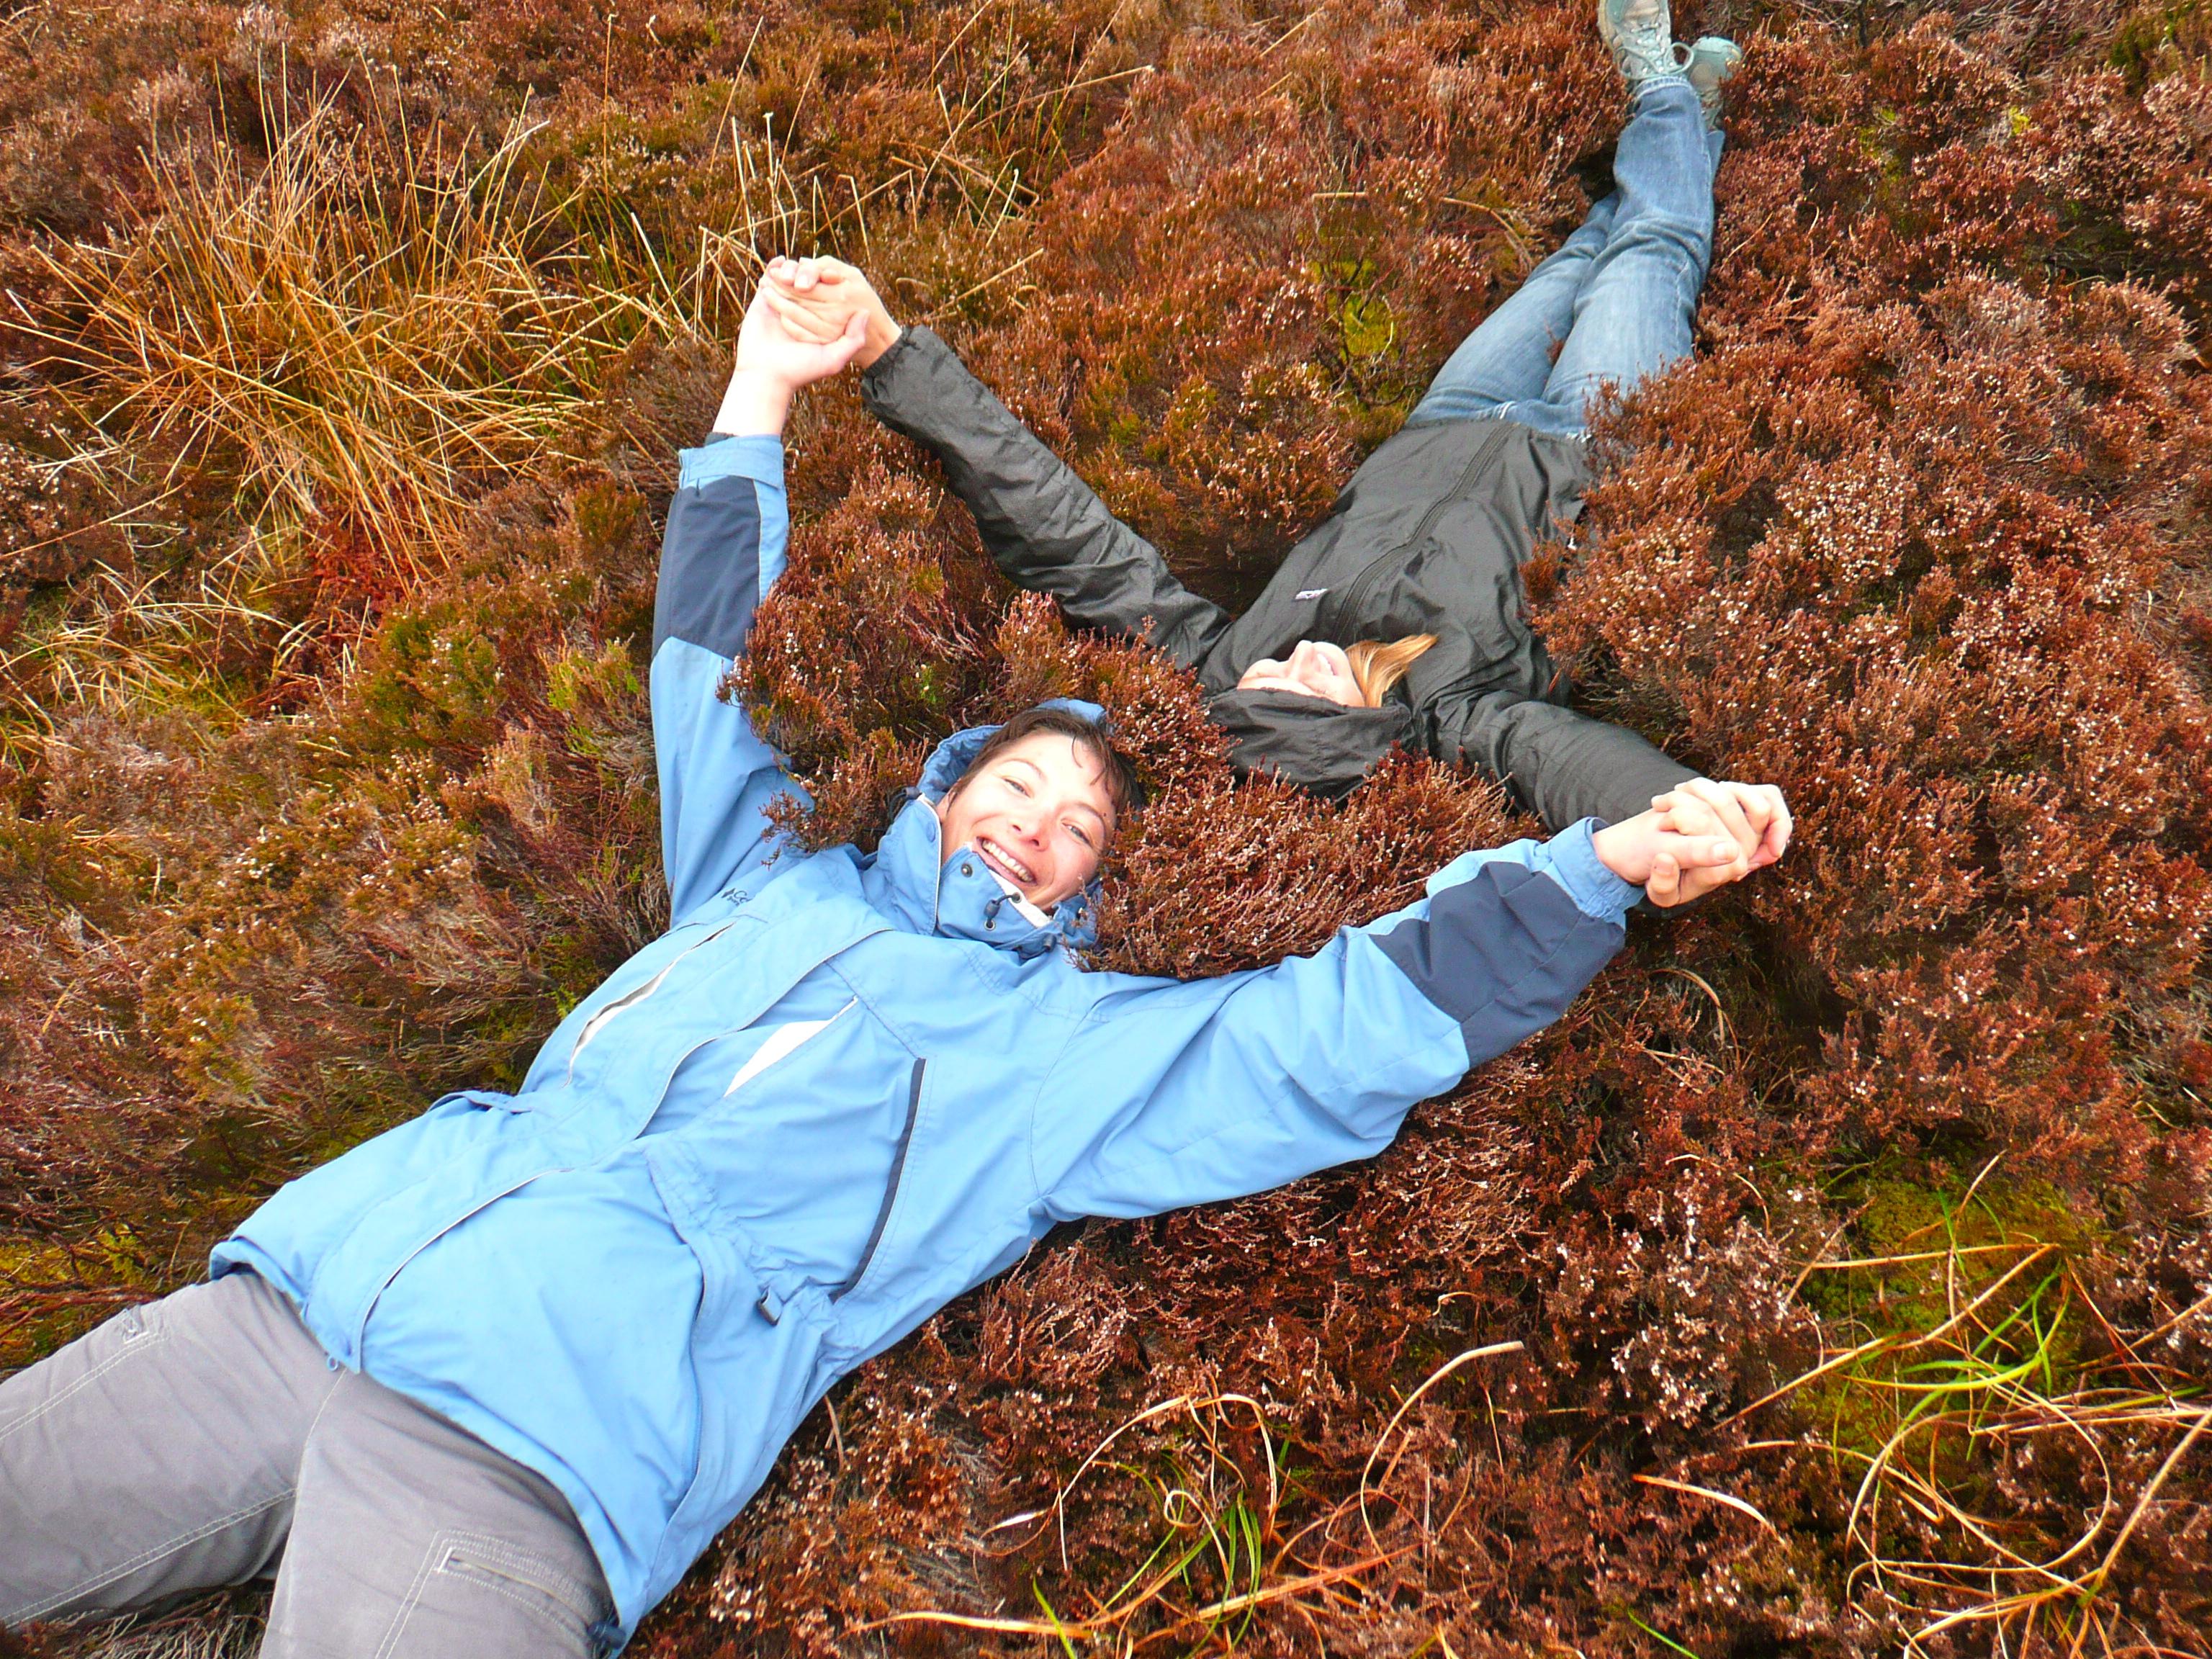 Two women in a field of heather